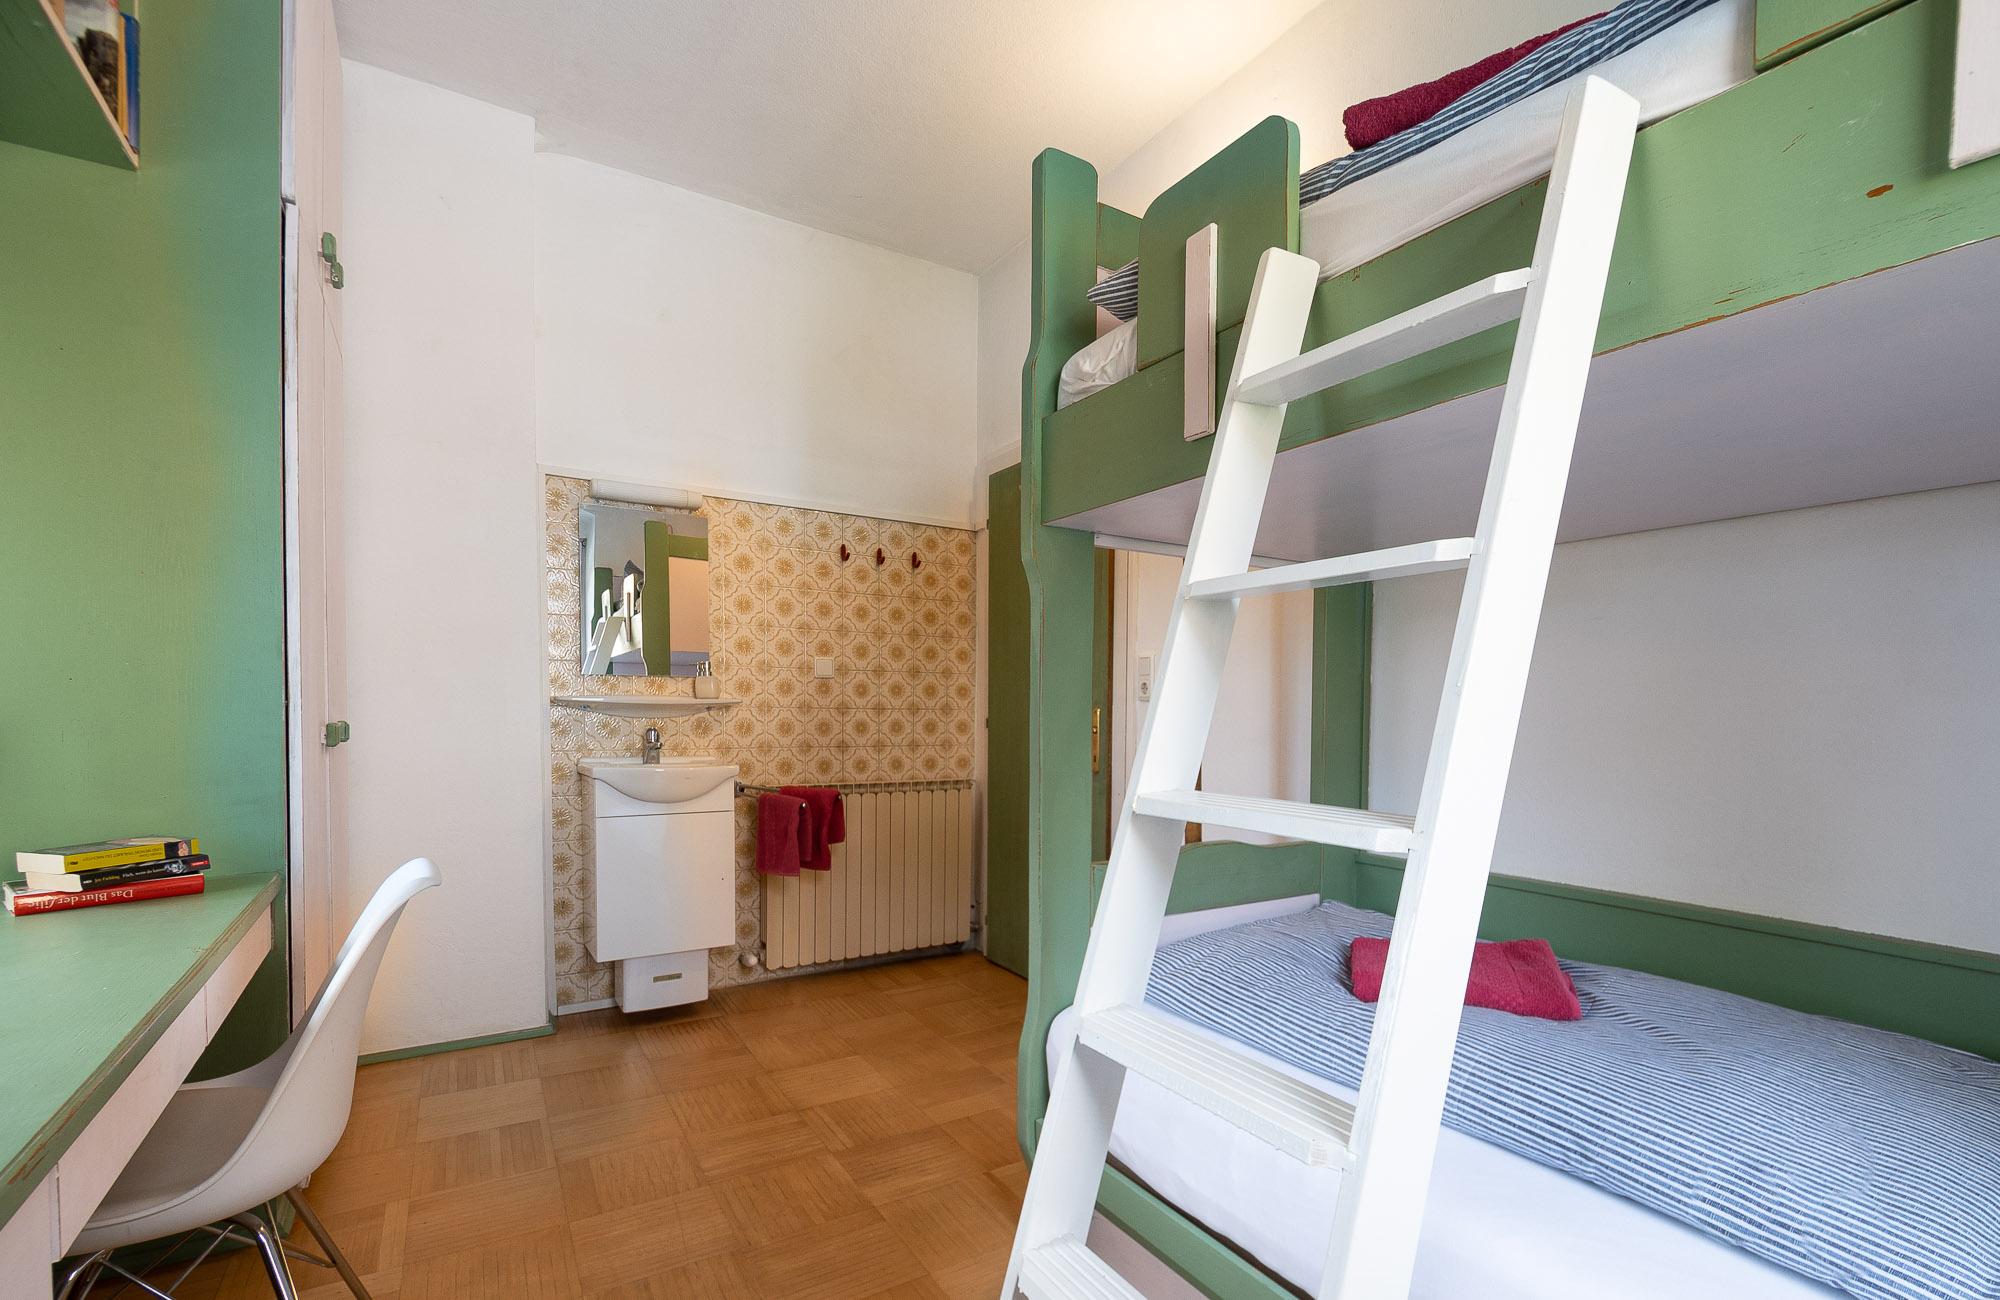 Apartment Farbtopf Schlafzimmer 2